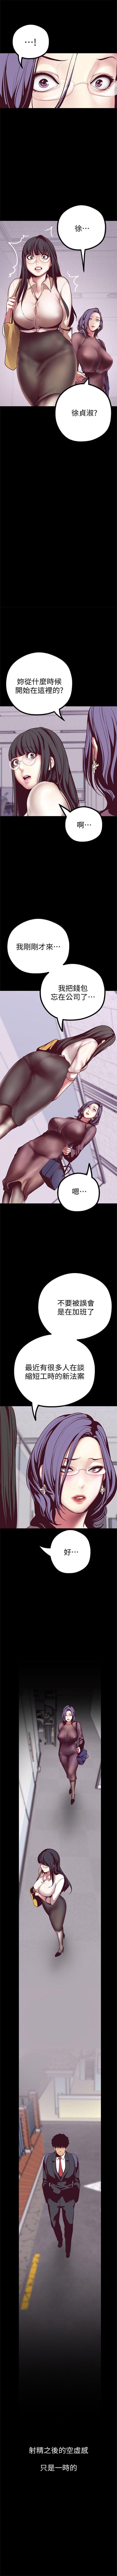 美麗新世界 1-85 官方中文(連載中) 110